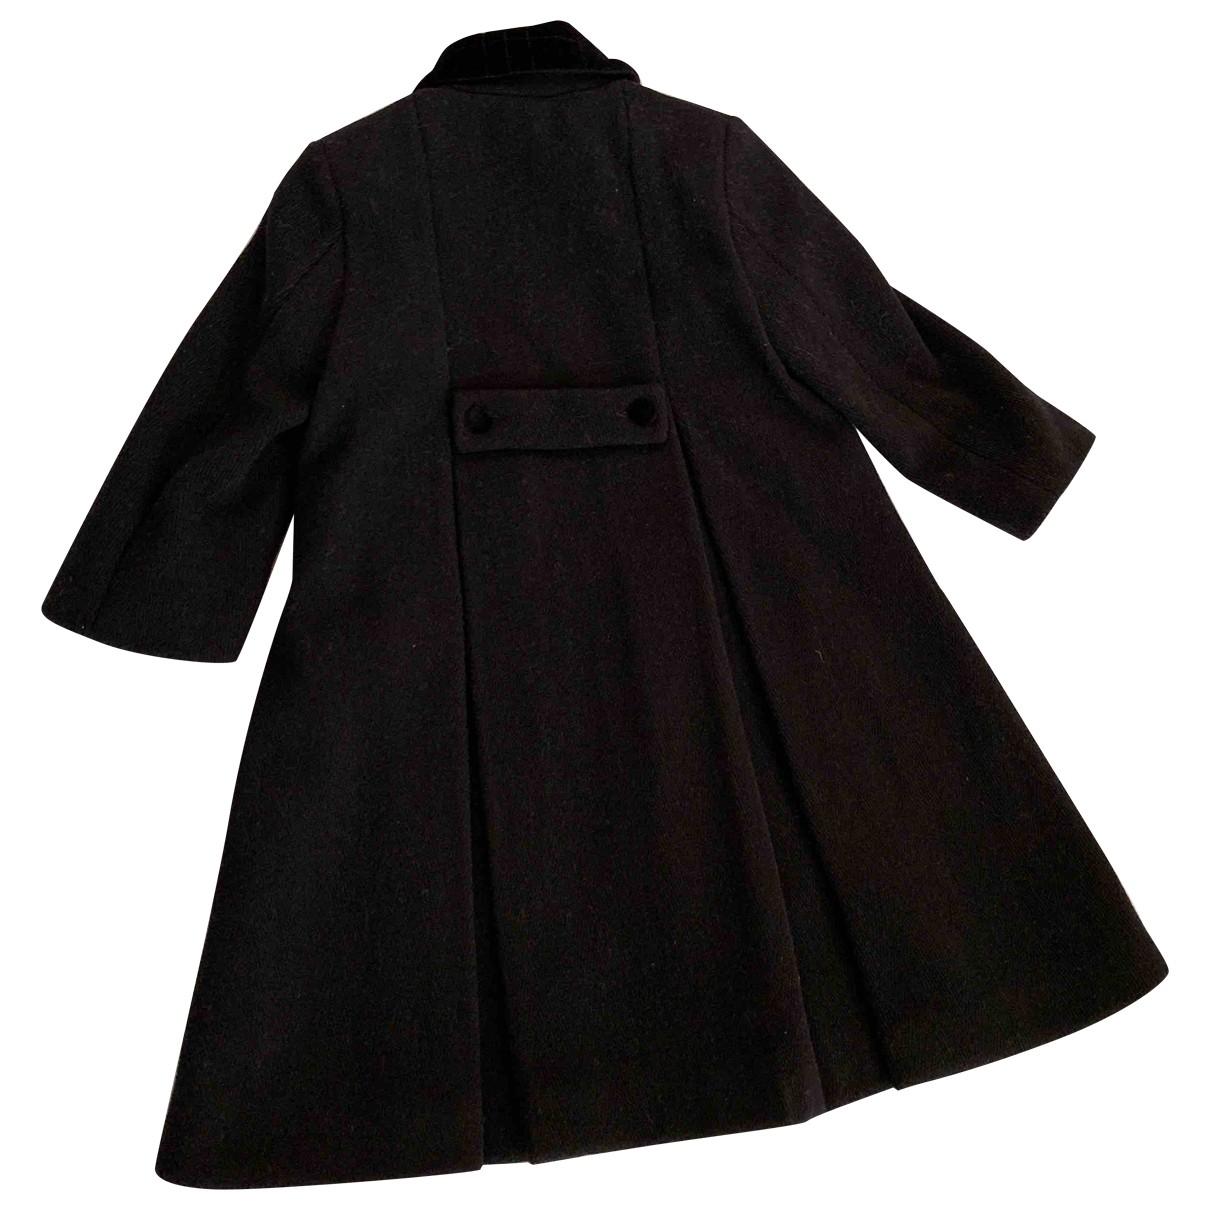 Burberry - Blousons.Manteaux   pour enfant en laine - bleu